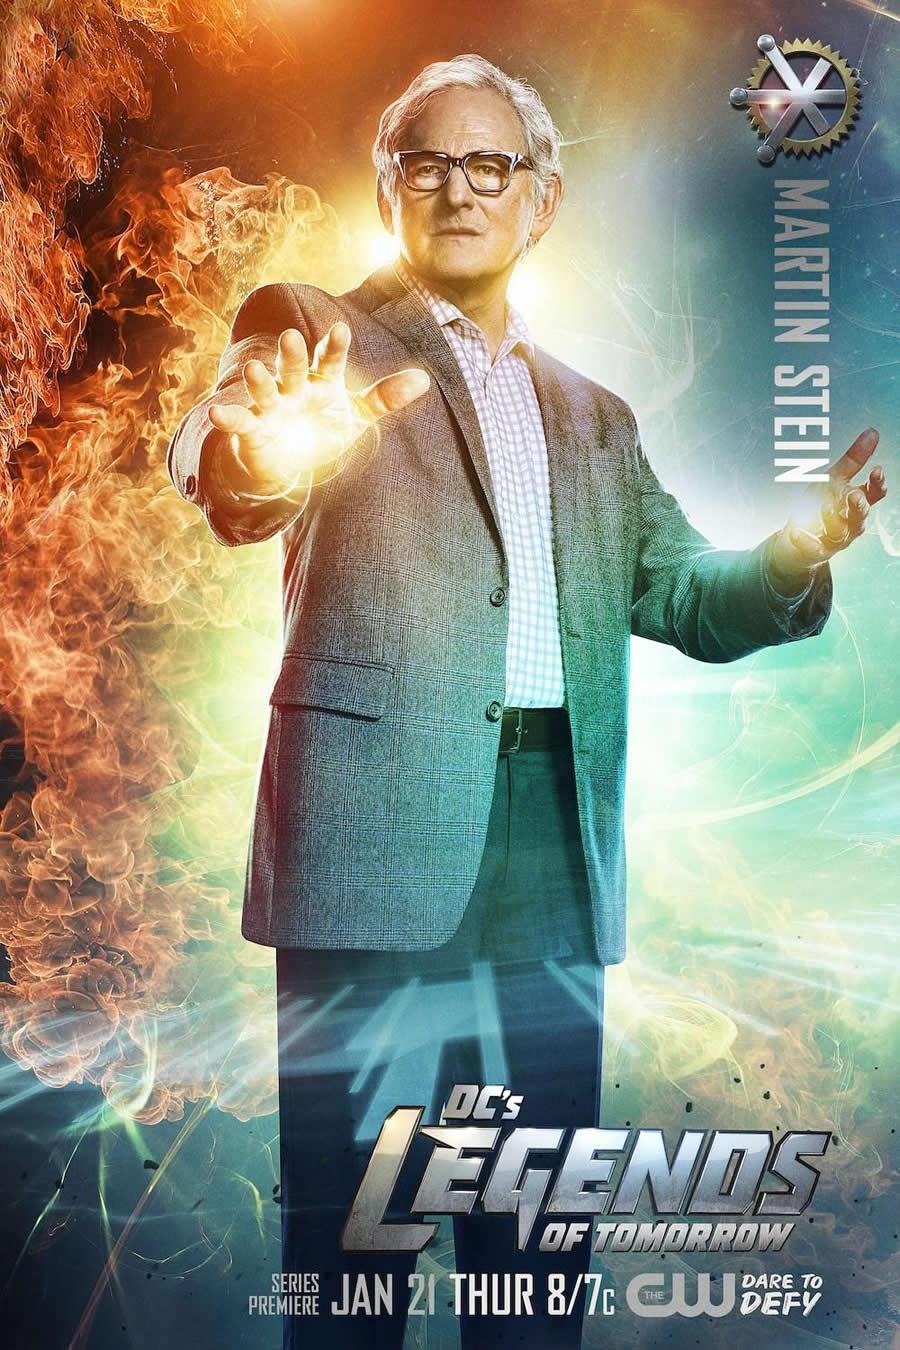 legends-of-tomorrow-revelado-8-posteres-da-nova-serie-da-cw6